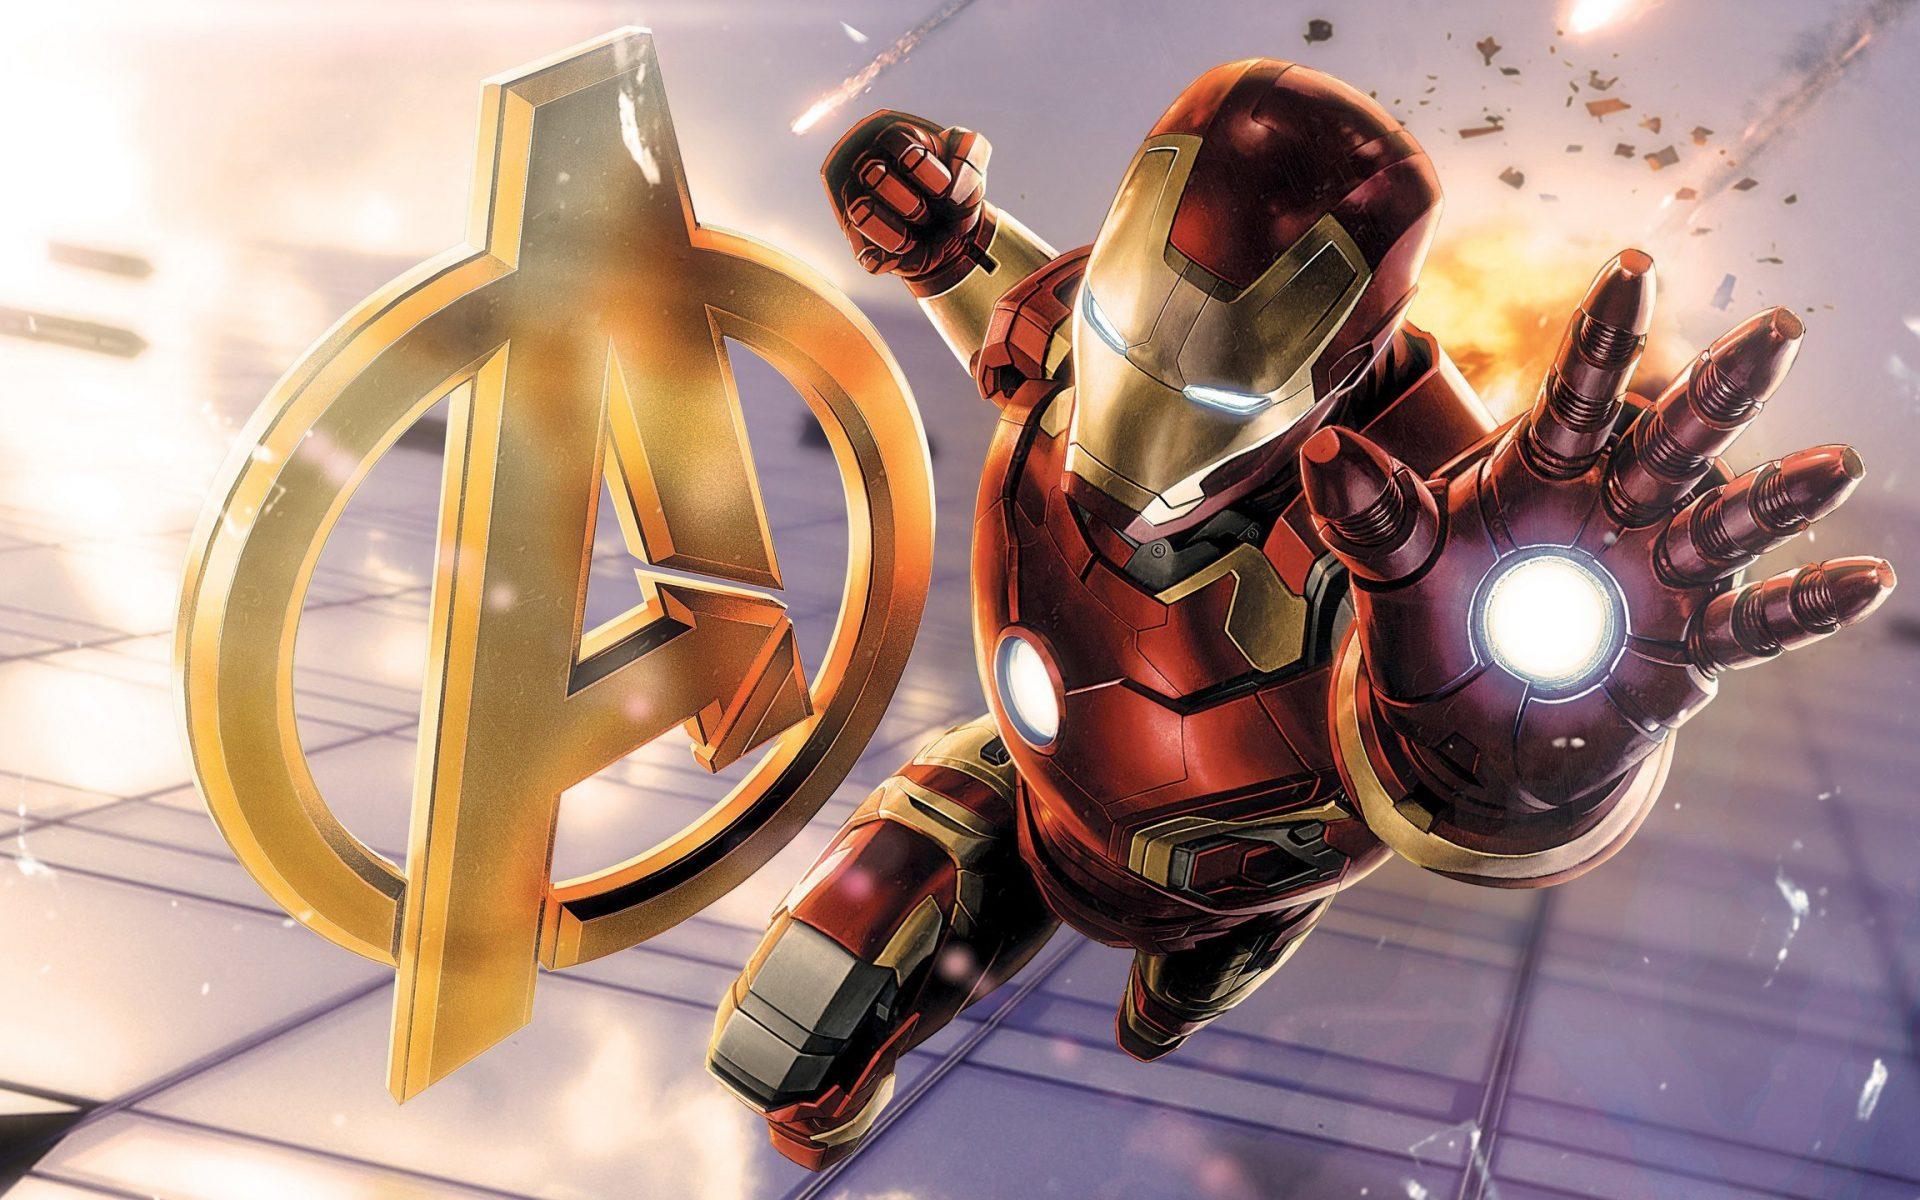 Iron Man Avengers 3D Wallpaper Download - Download High ...